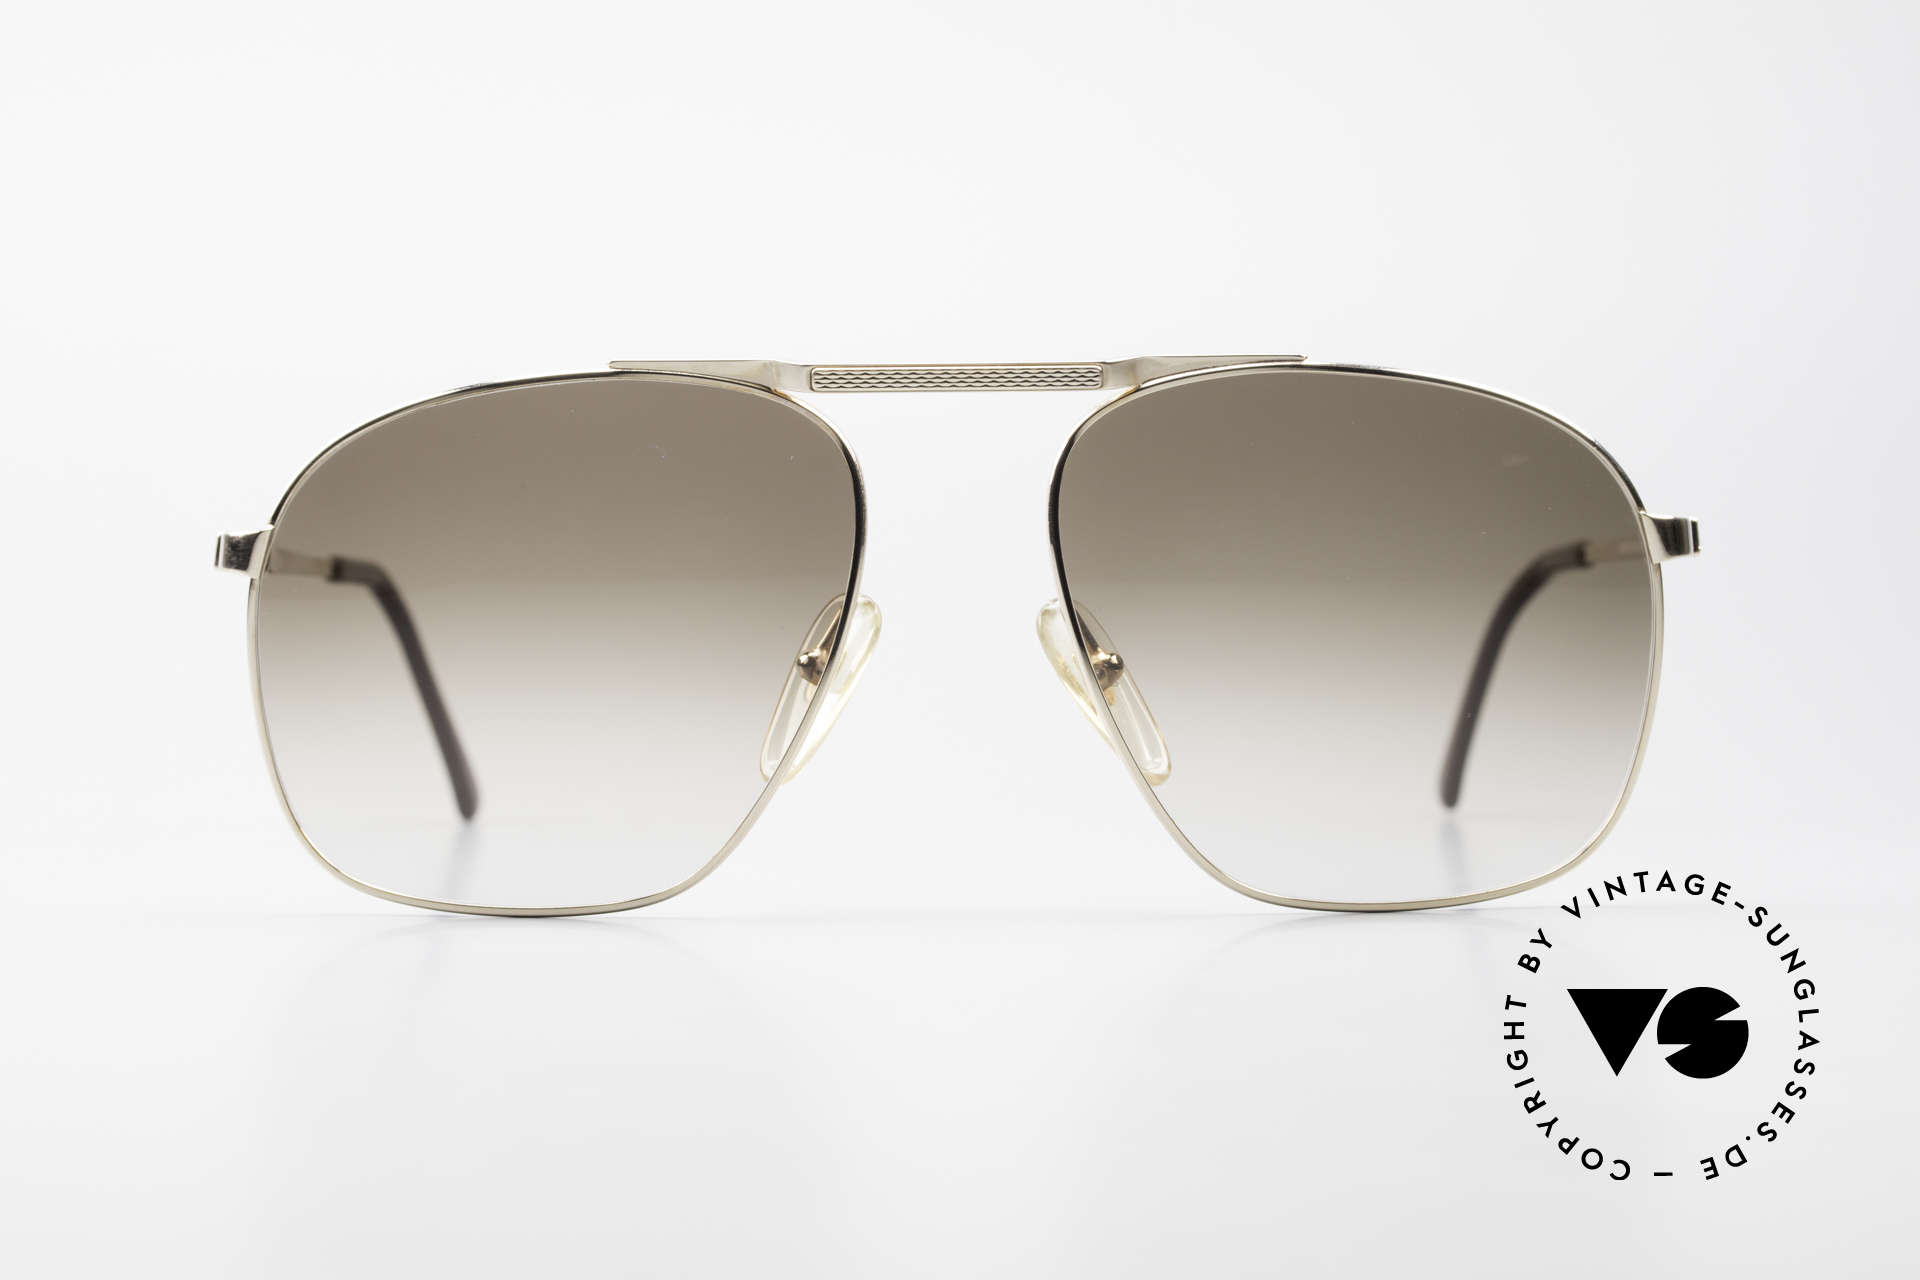 Dunhill 6046 Alte 80er Luxus Herrenbrille, extrem elegante Dunhill Herren-Sonnenbrille von 1987, Passend für Herren